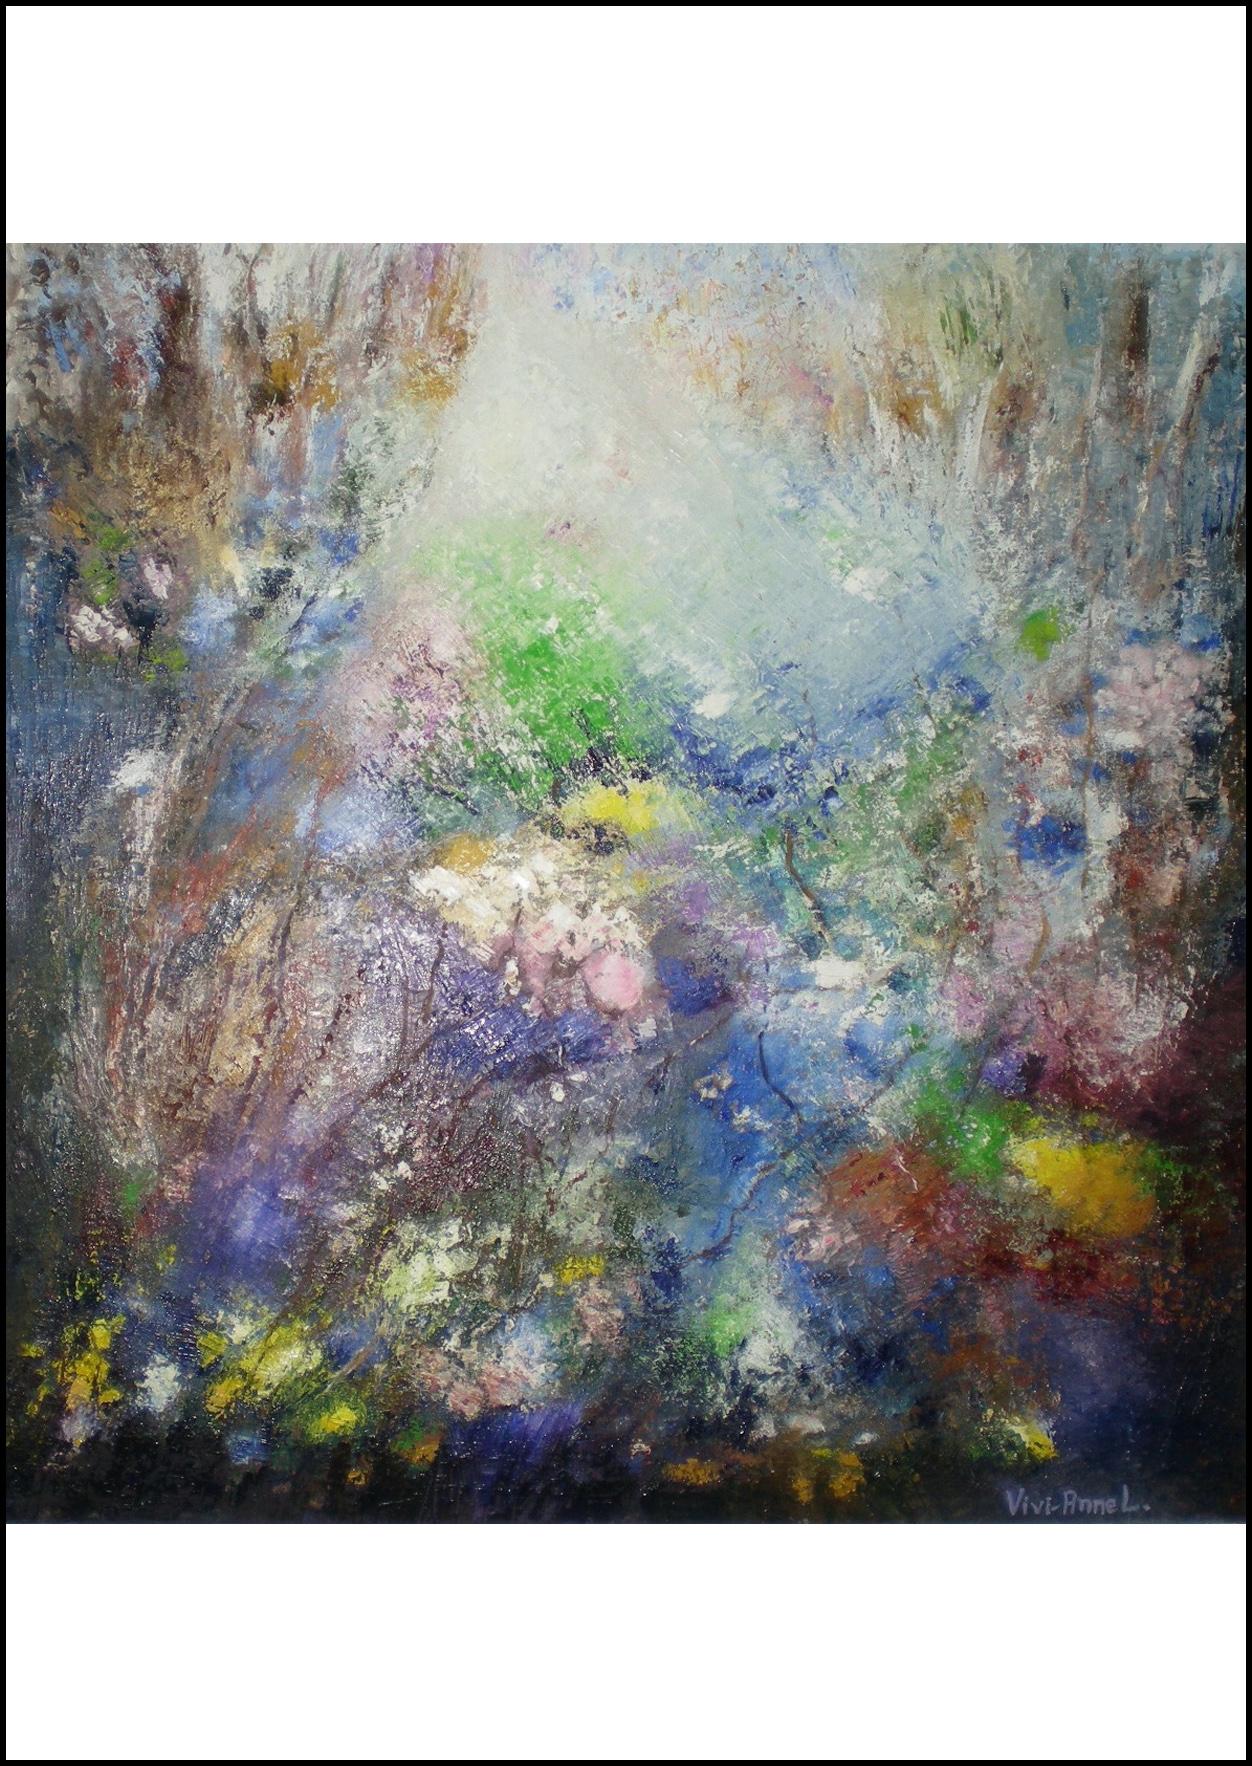 Evig pånyttfödelse - ___Konstverk med en explosion av färger i återkommande mönster som upprepas och pånyttföds som livet självt. Allt detta skapar en drömlik skönhetsupplevelse med inslag av mysterium. Ett personligt uttryck som hela tiden utvecklas på ett spännande sätt!***VIVI-ANNE LENNARTSSONhttp://www.viviannel.comTidigare direktör på svenska studenthemmet i Paris